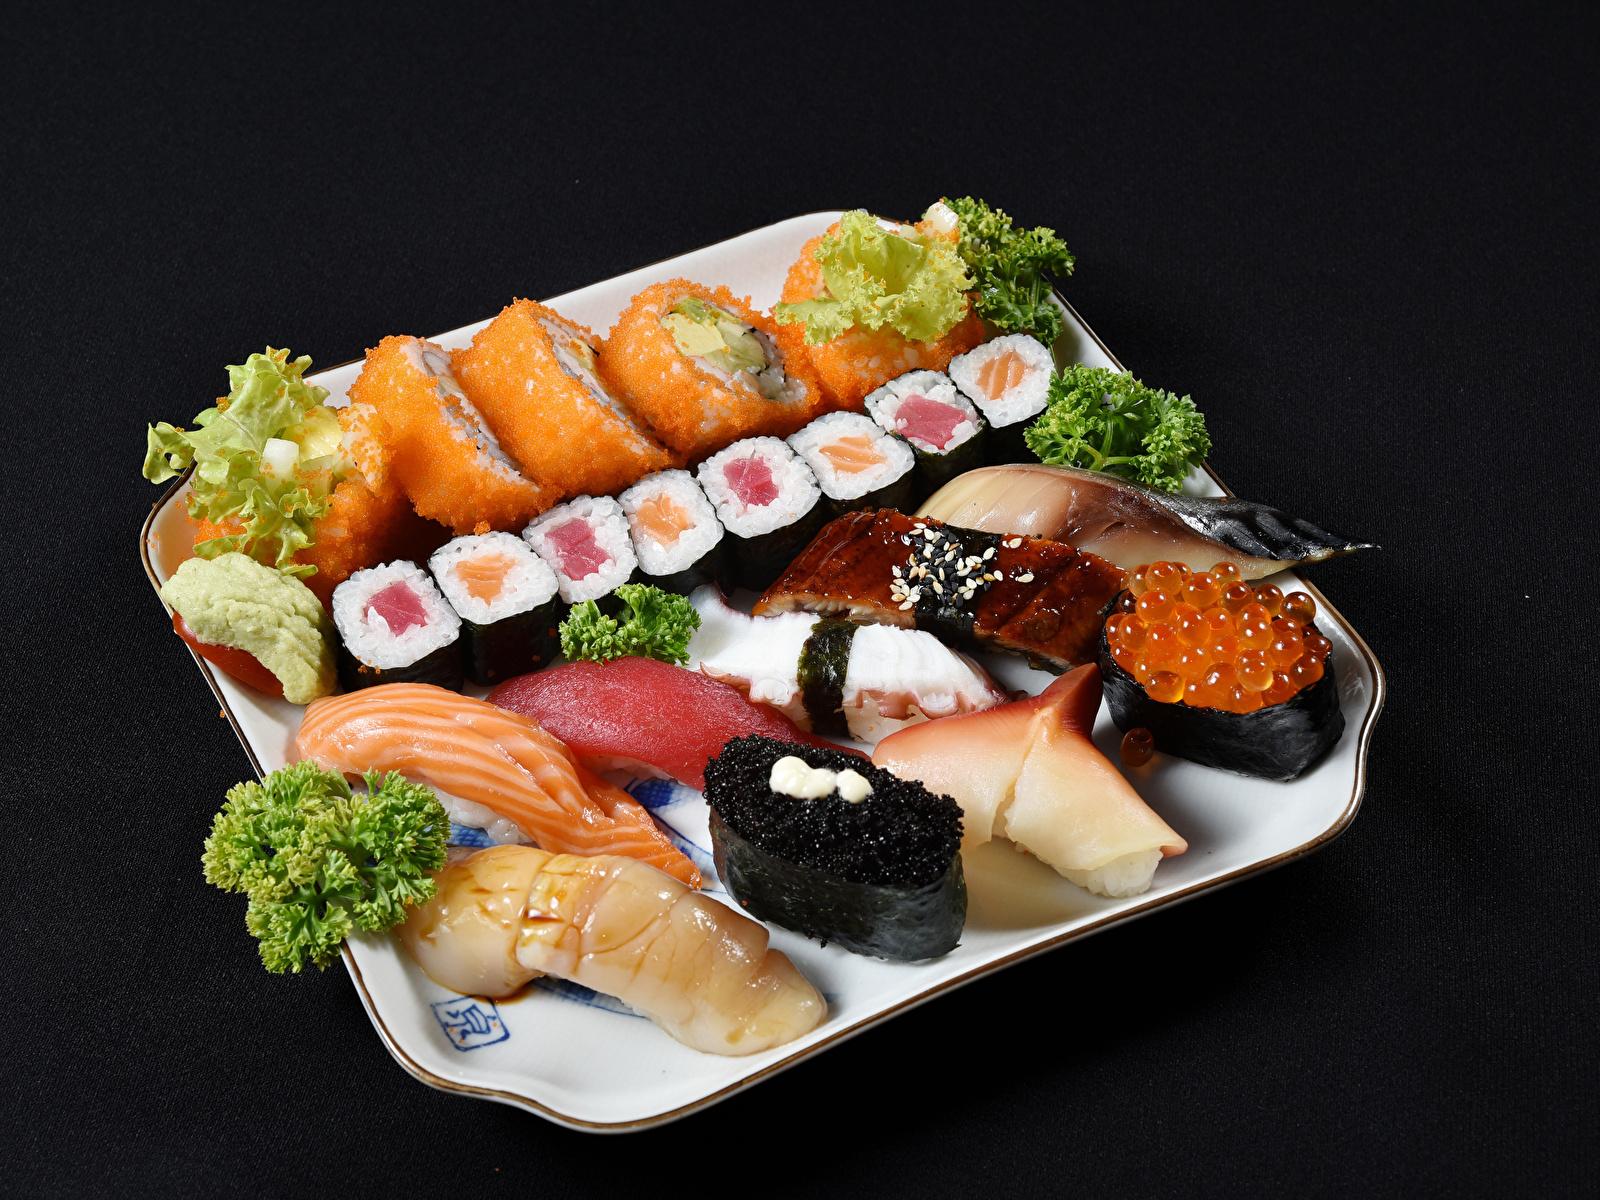 Картинки Рыба суси Продукты питания Морепродукты на черном фоне 1600x1200 Суши Еда Пища Черный фон